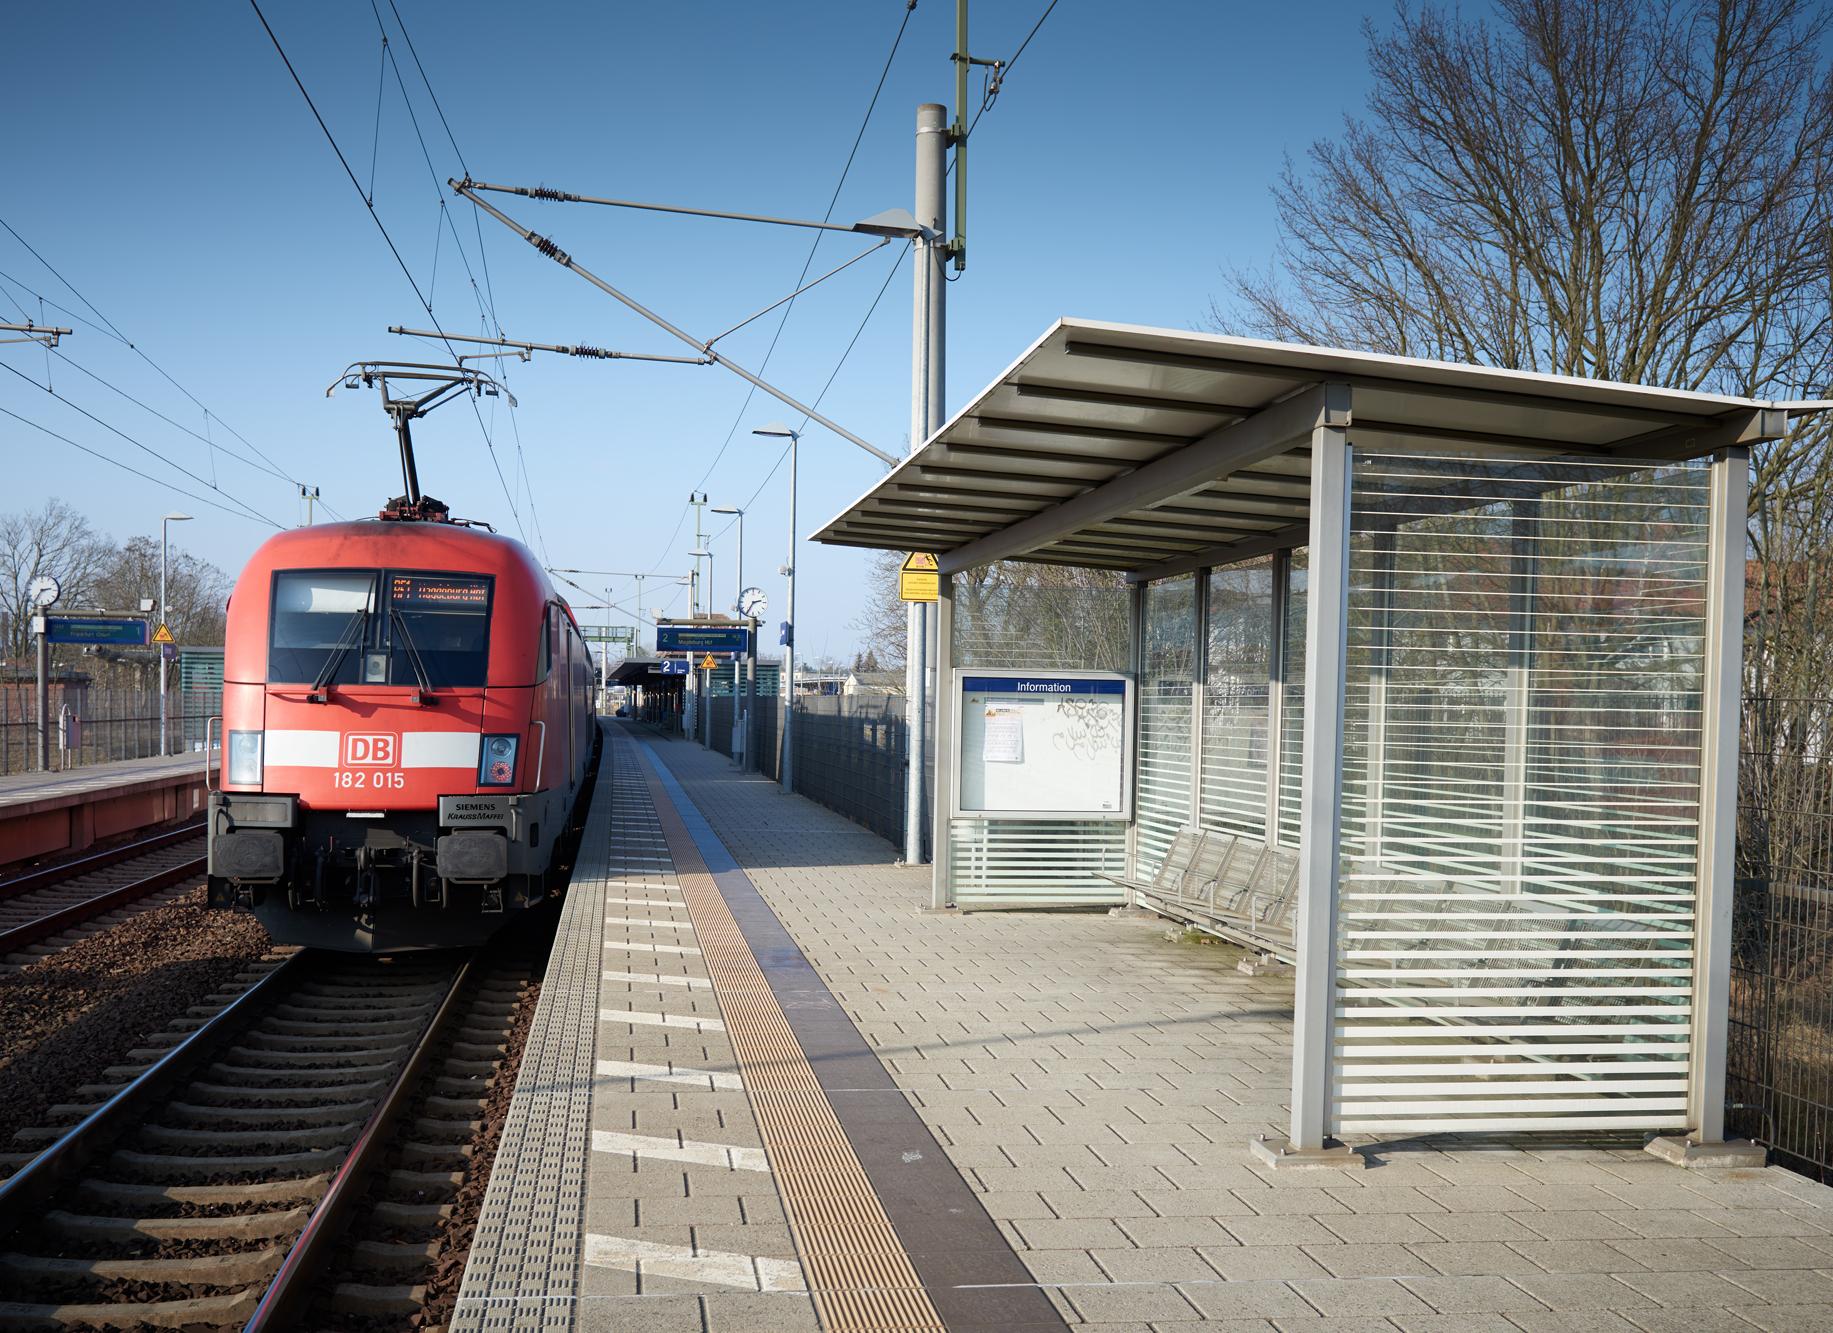 Zug am Bahnsteig